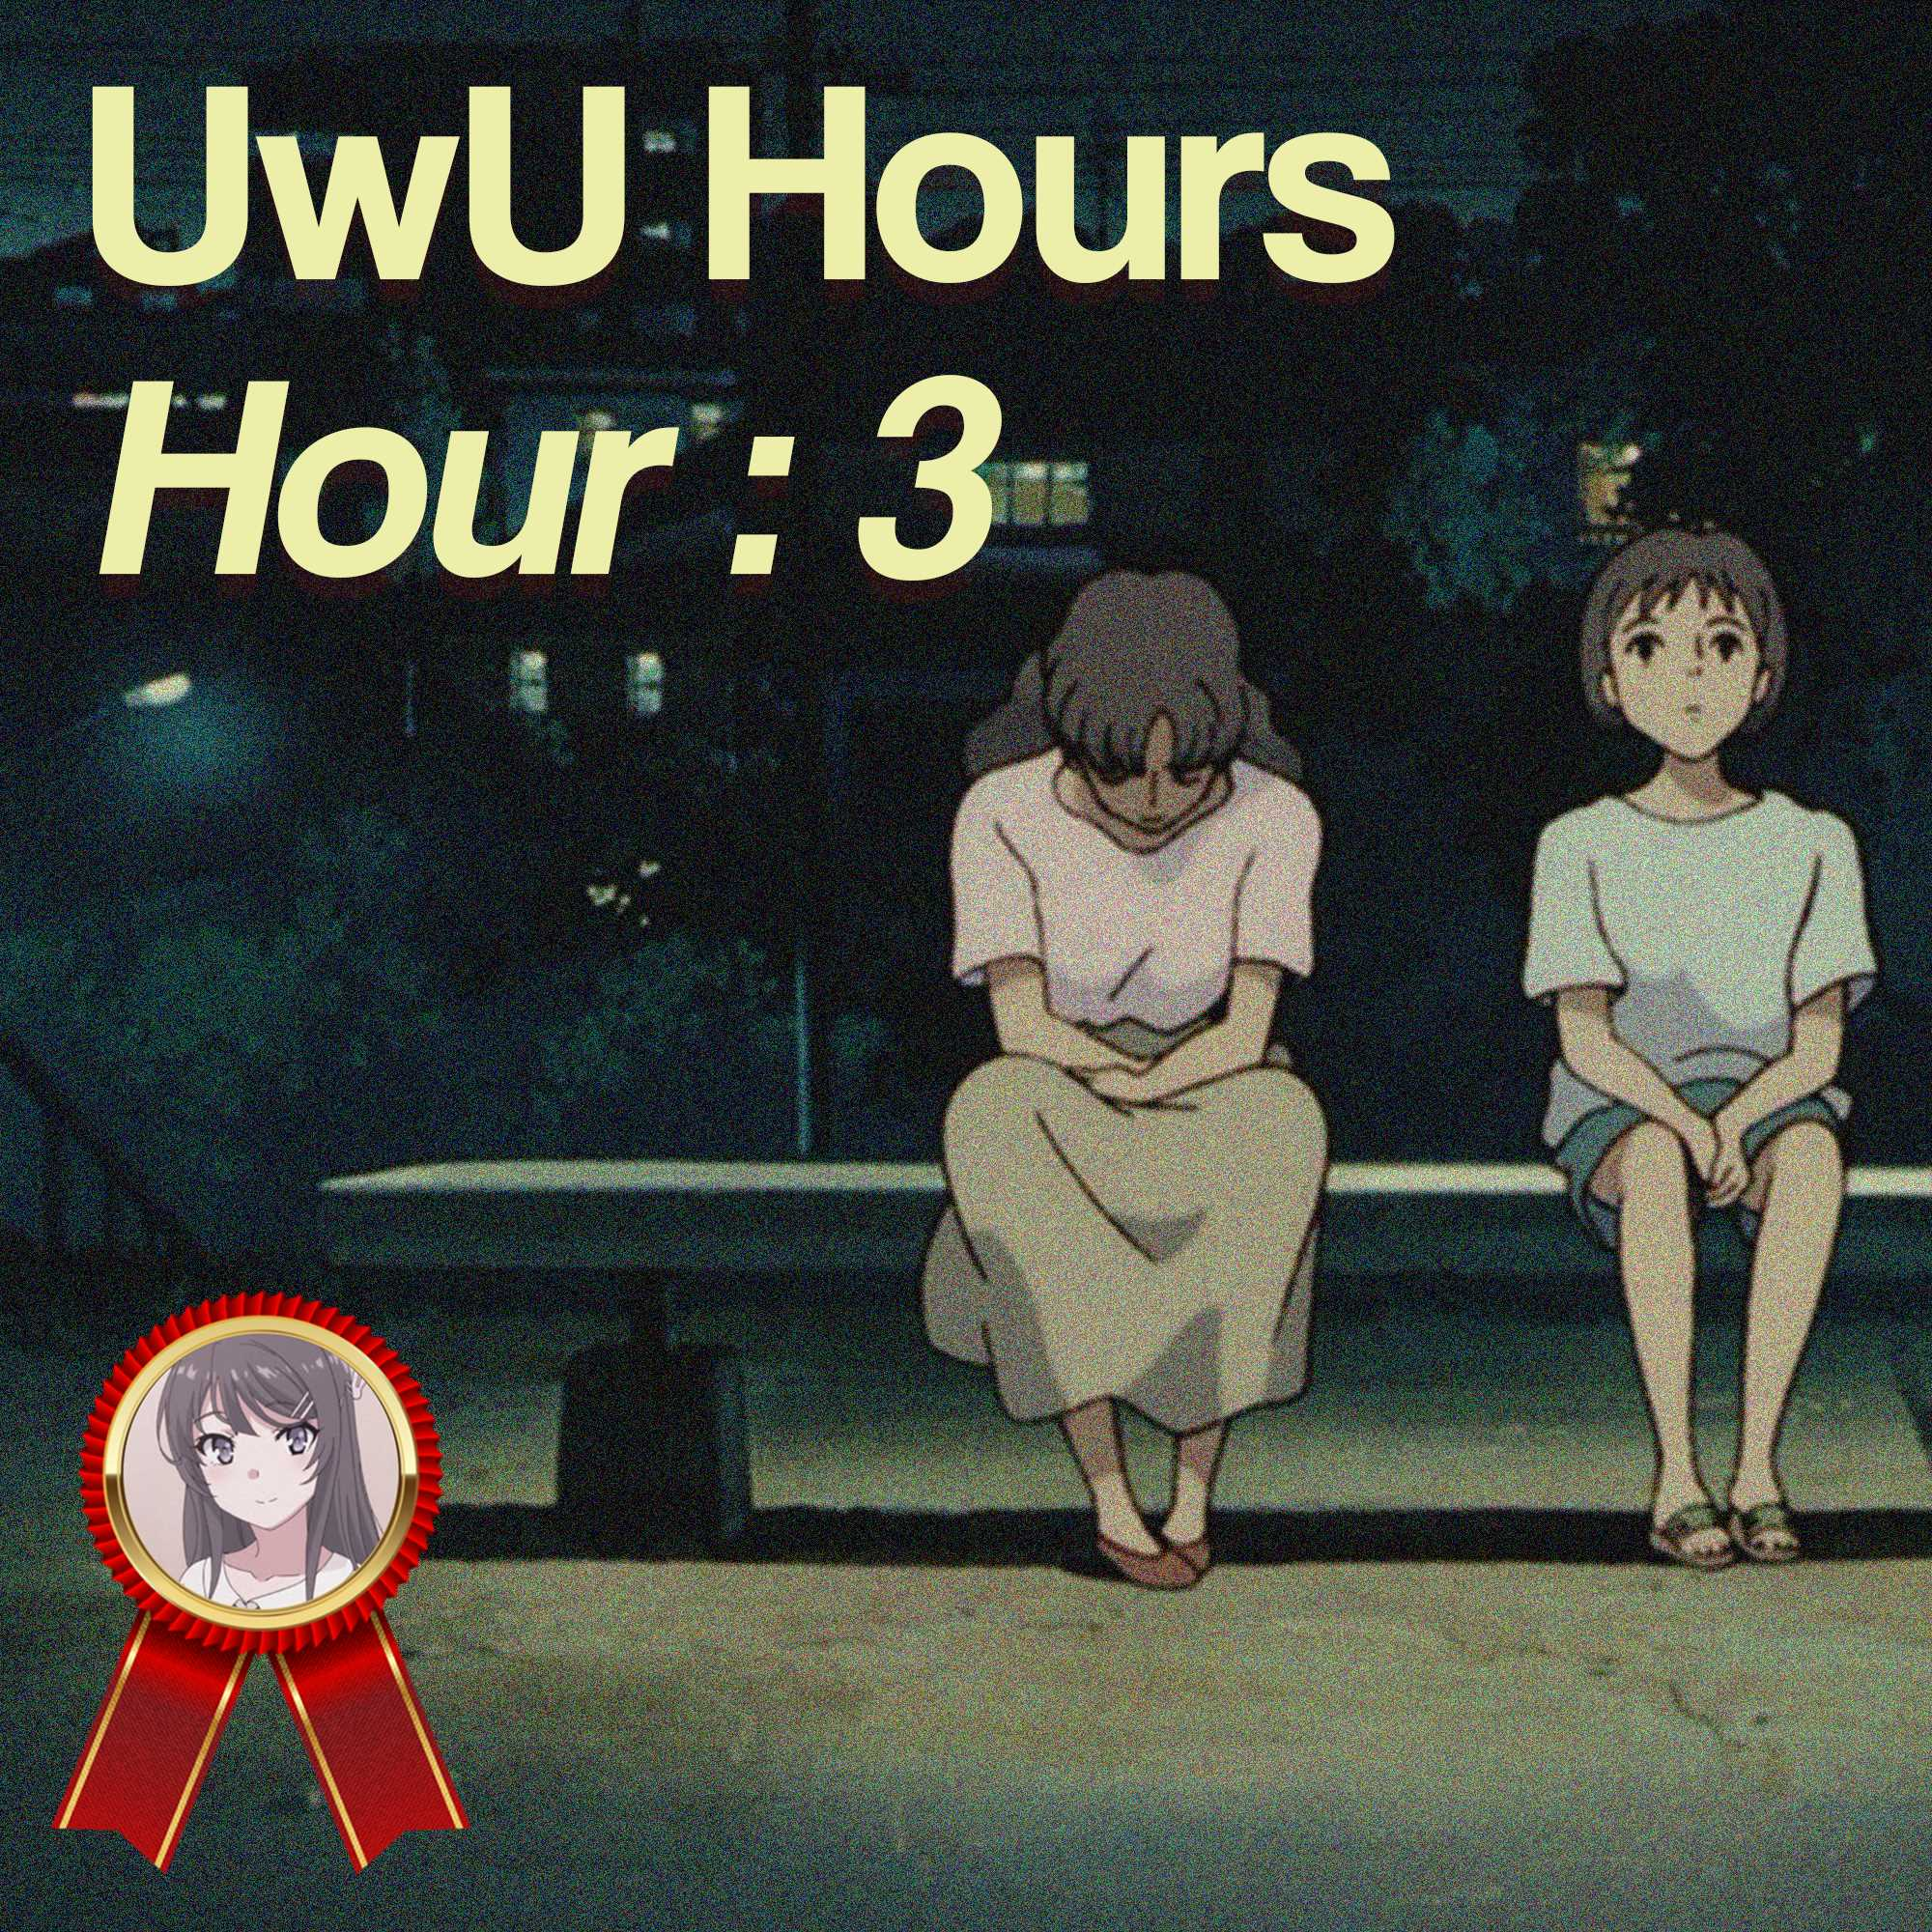 UwU Hours